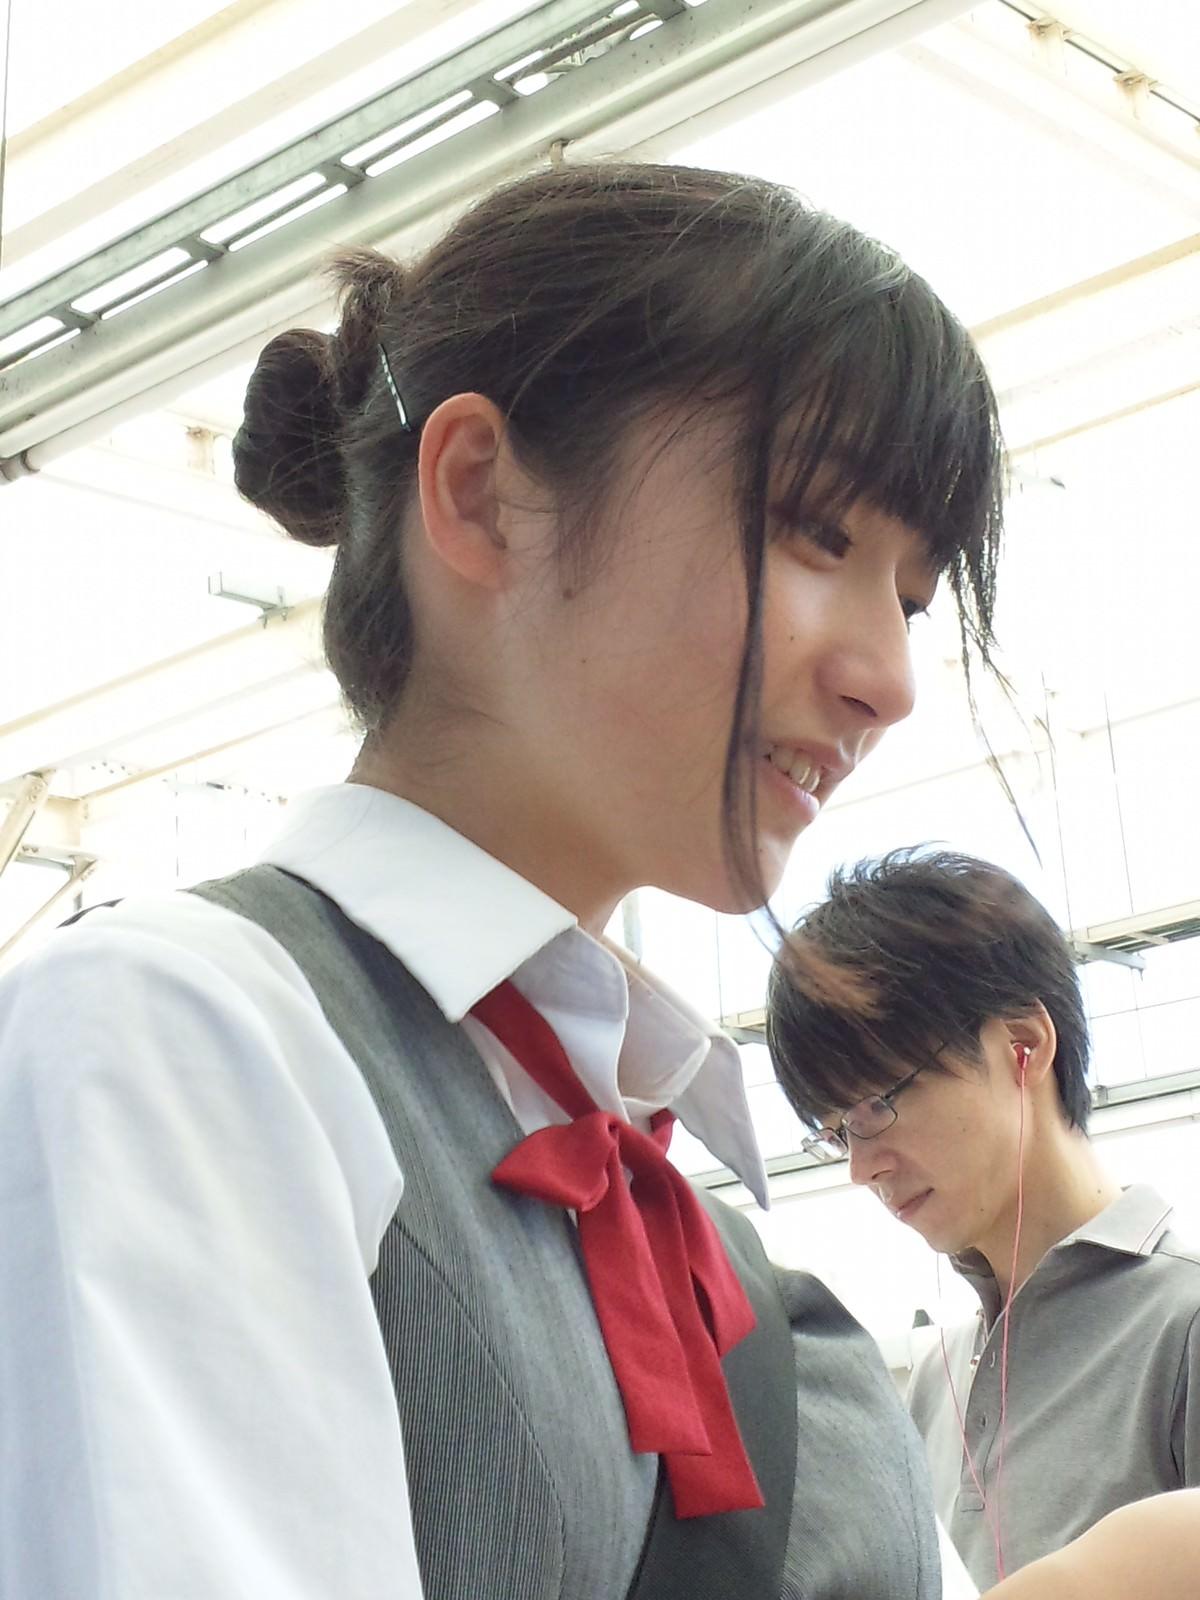 女子高生のいろんな姿したkawaii画像を集めてみました! 17417